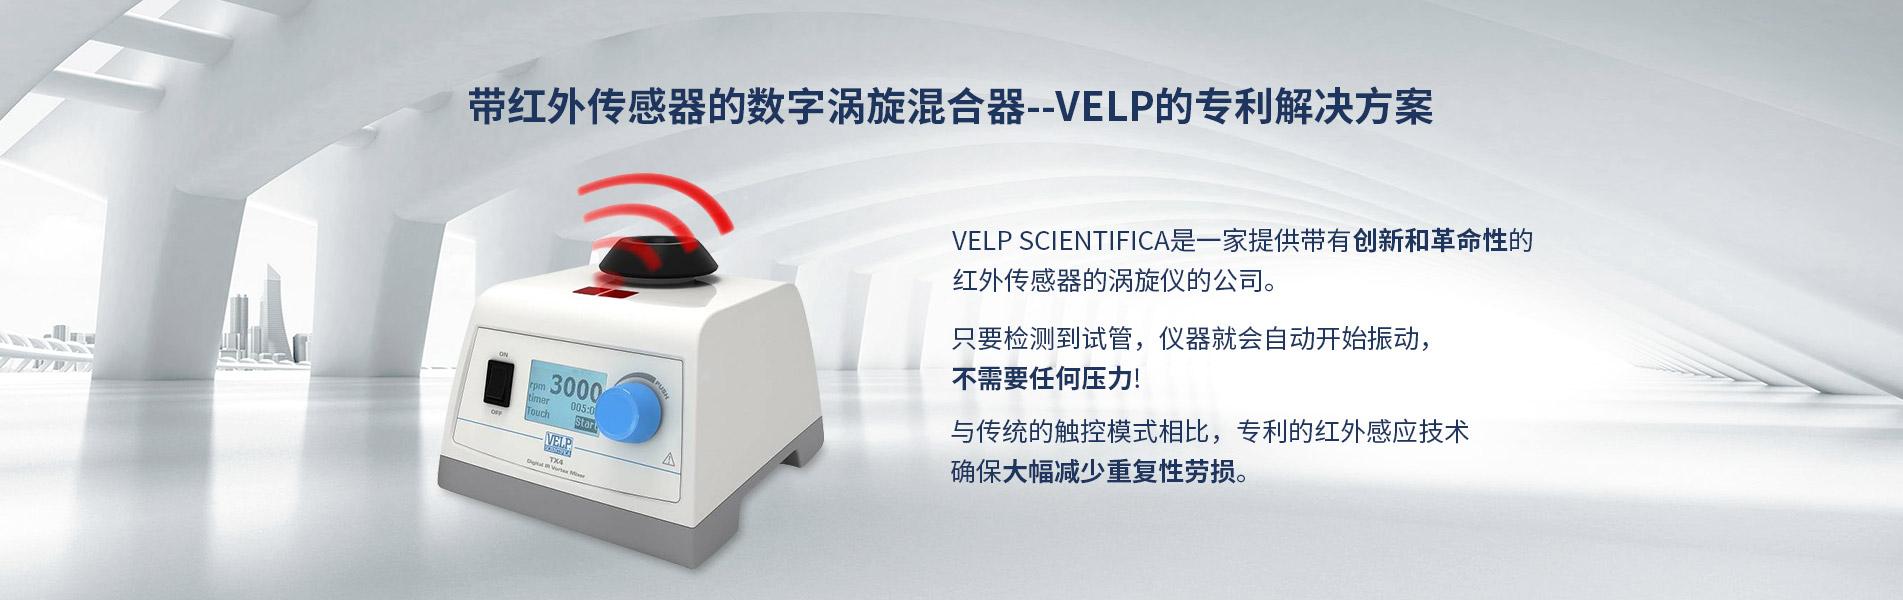 上海长石生物科技有限公司